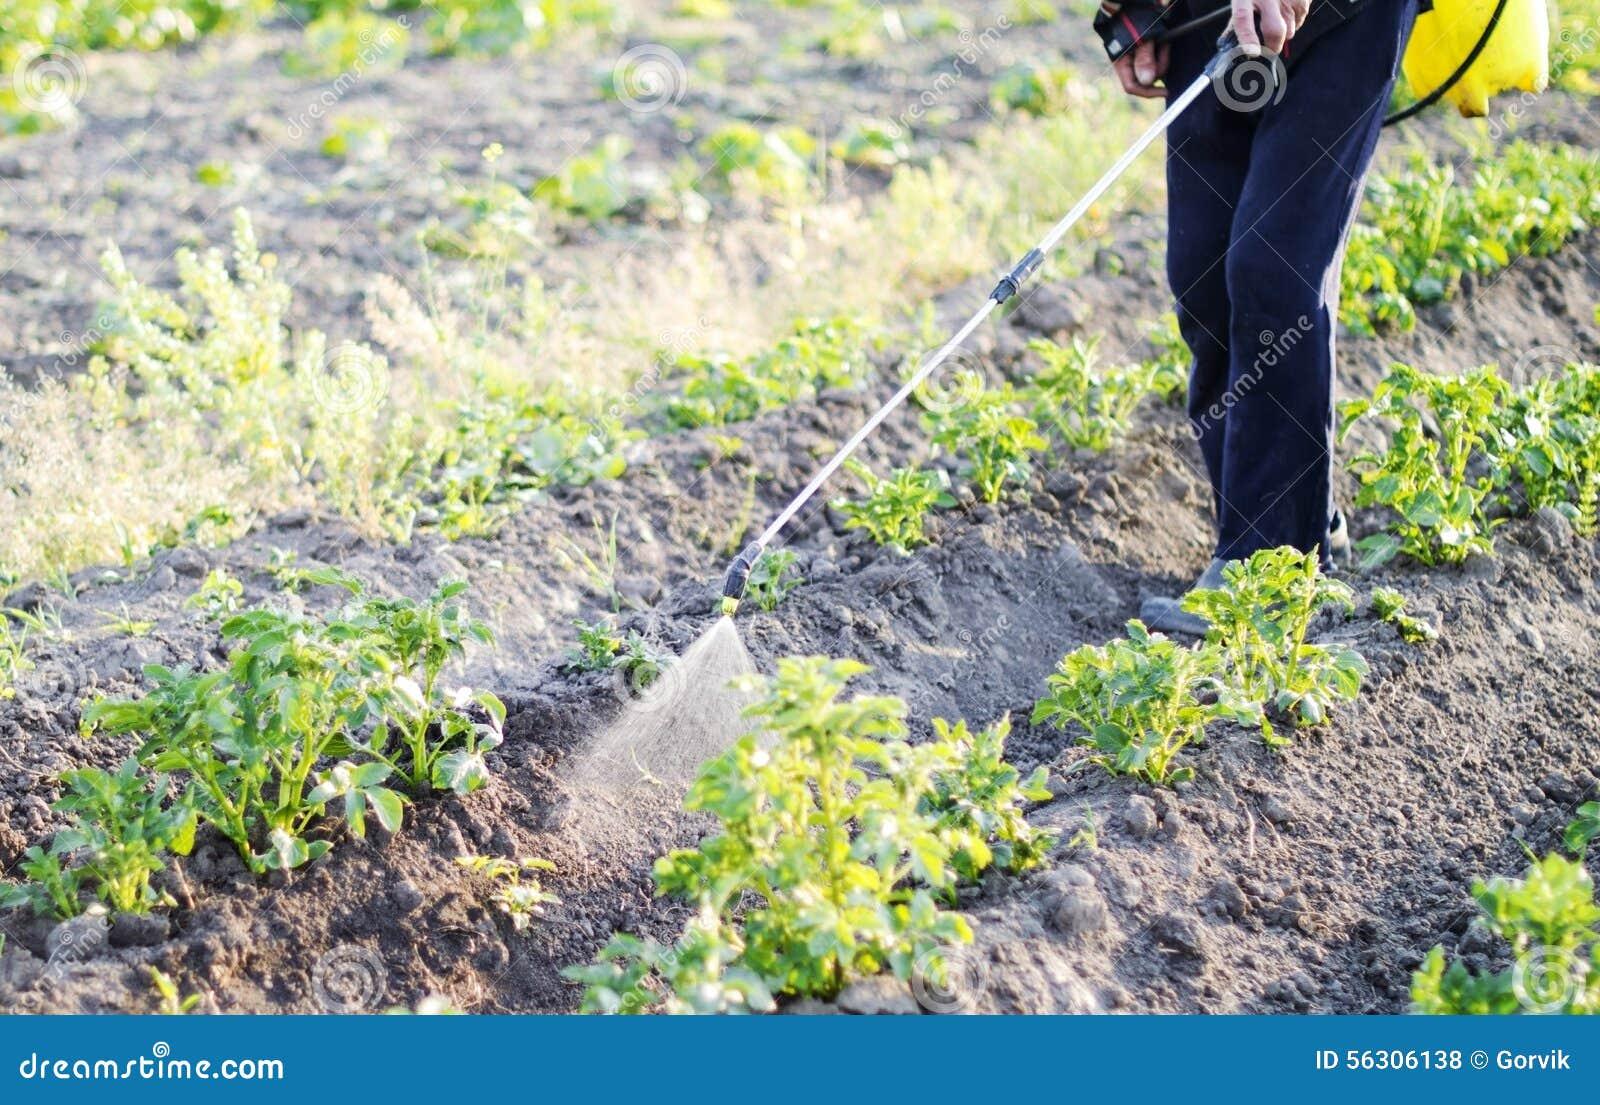 Inseticida de pulverização das folhas das batatas